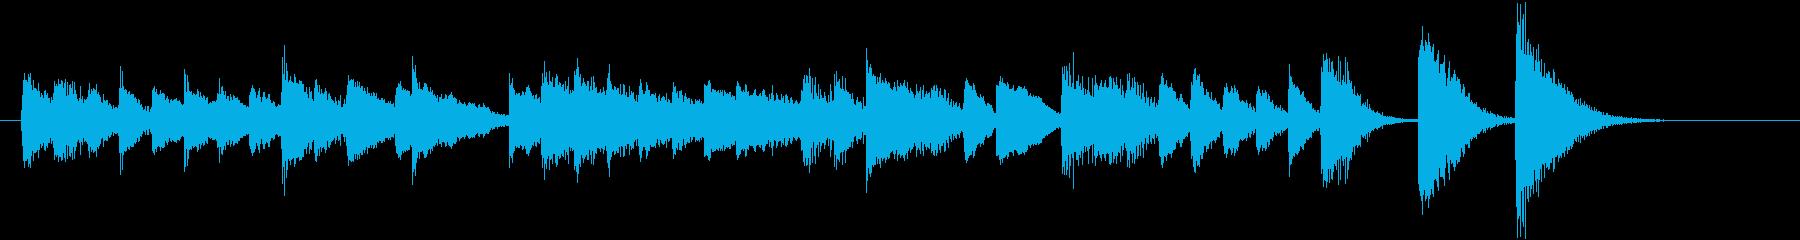 可愛く転がるメロディ♪冬のピアノジングルの再生済みの波形